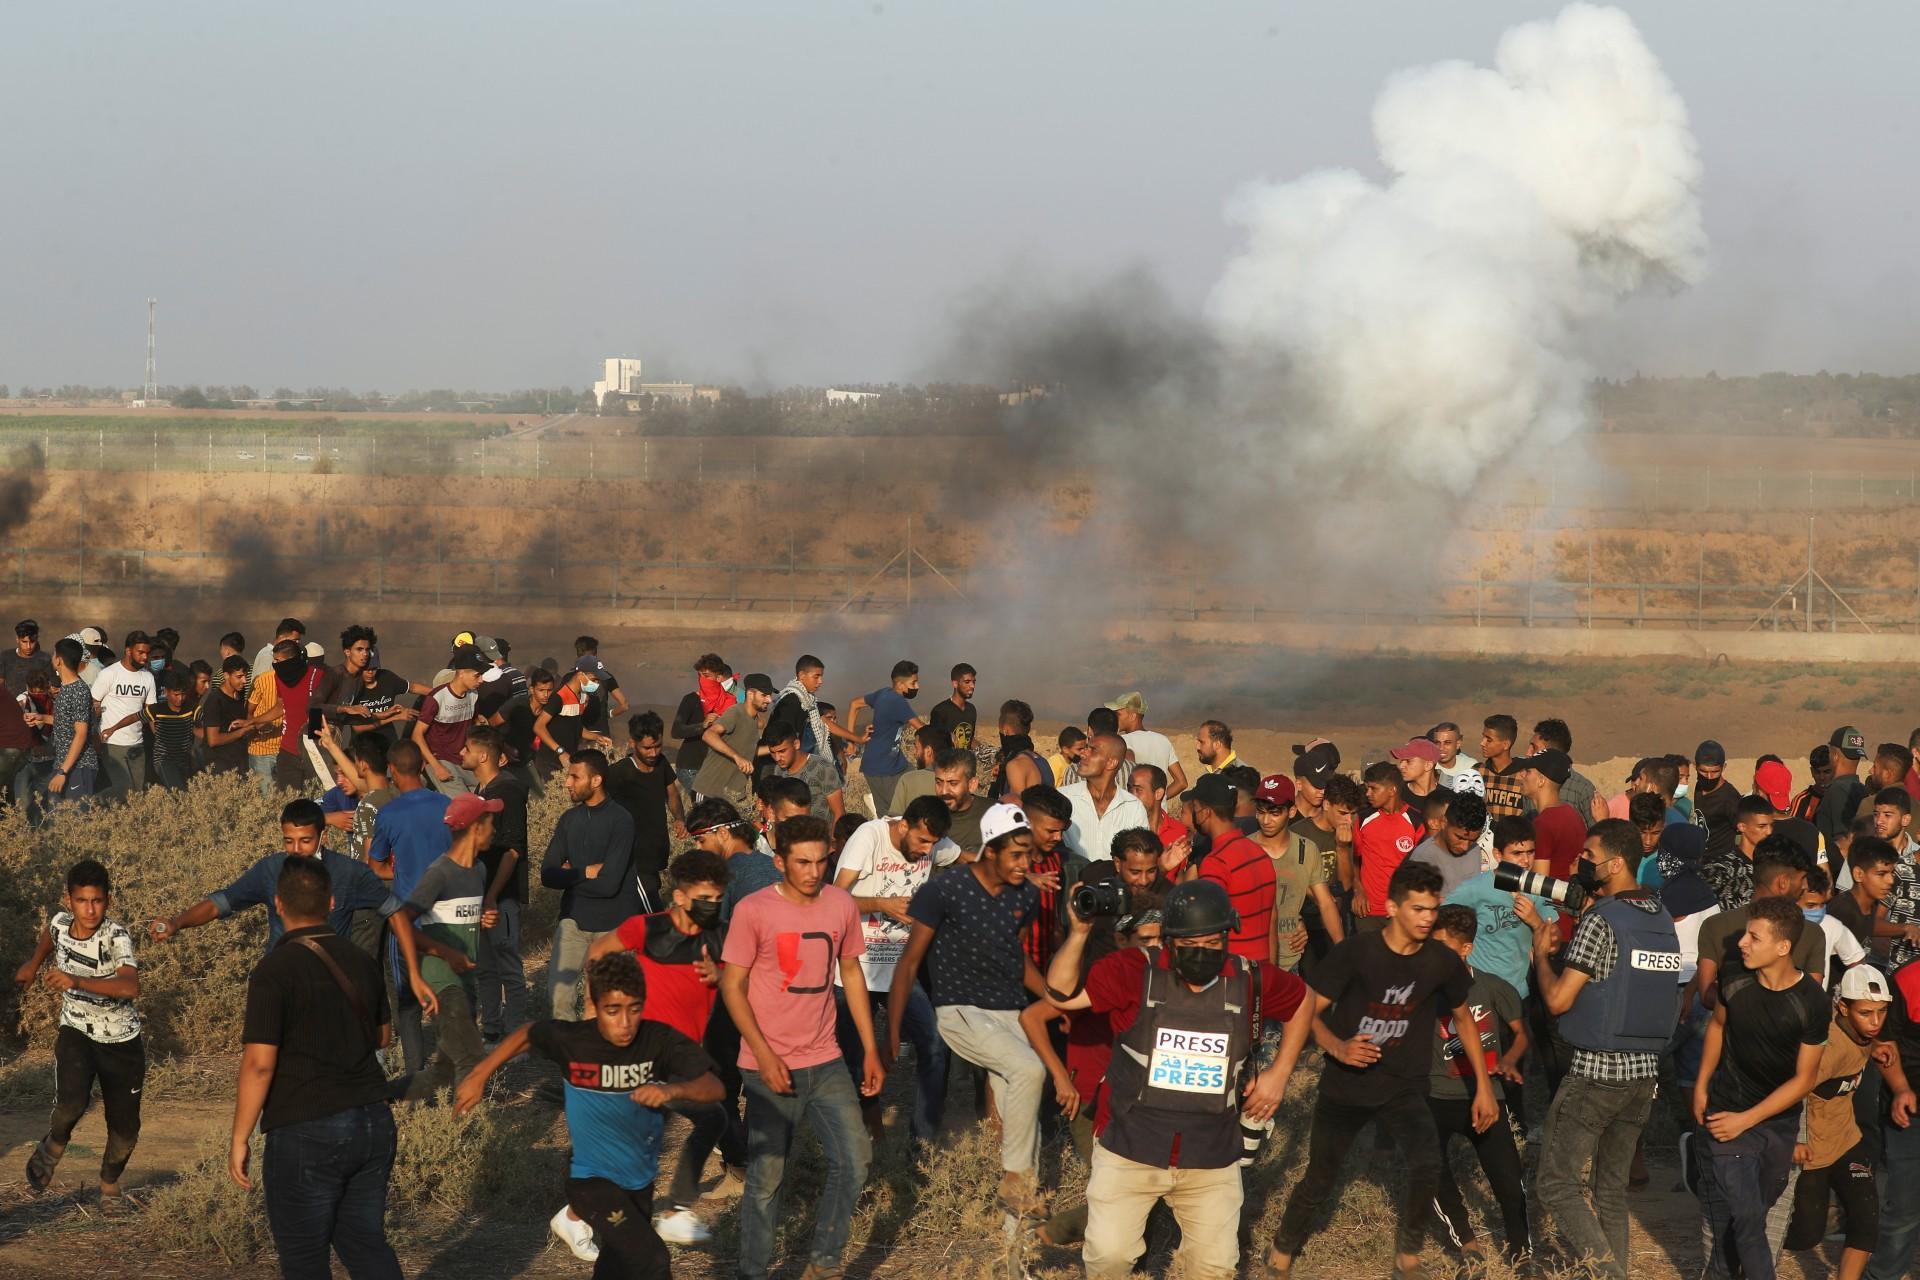 Lanzan cohete desde Gaza hacia Israel tras captura de presos palestinos.